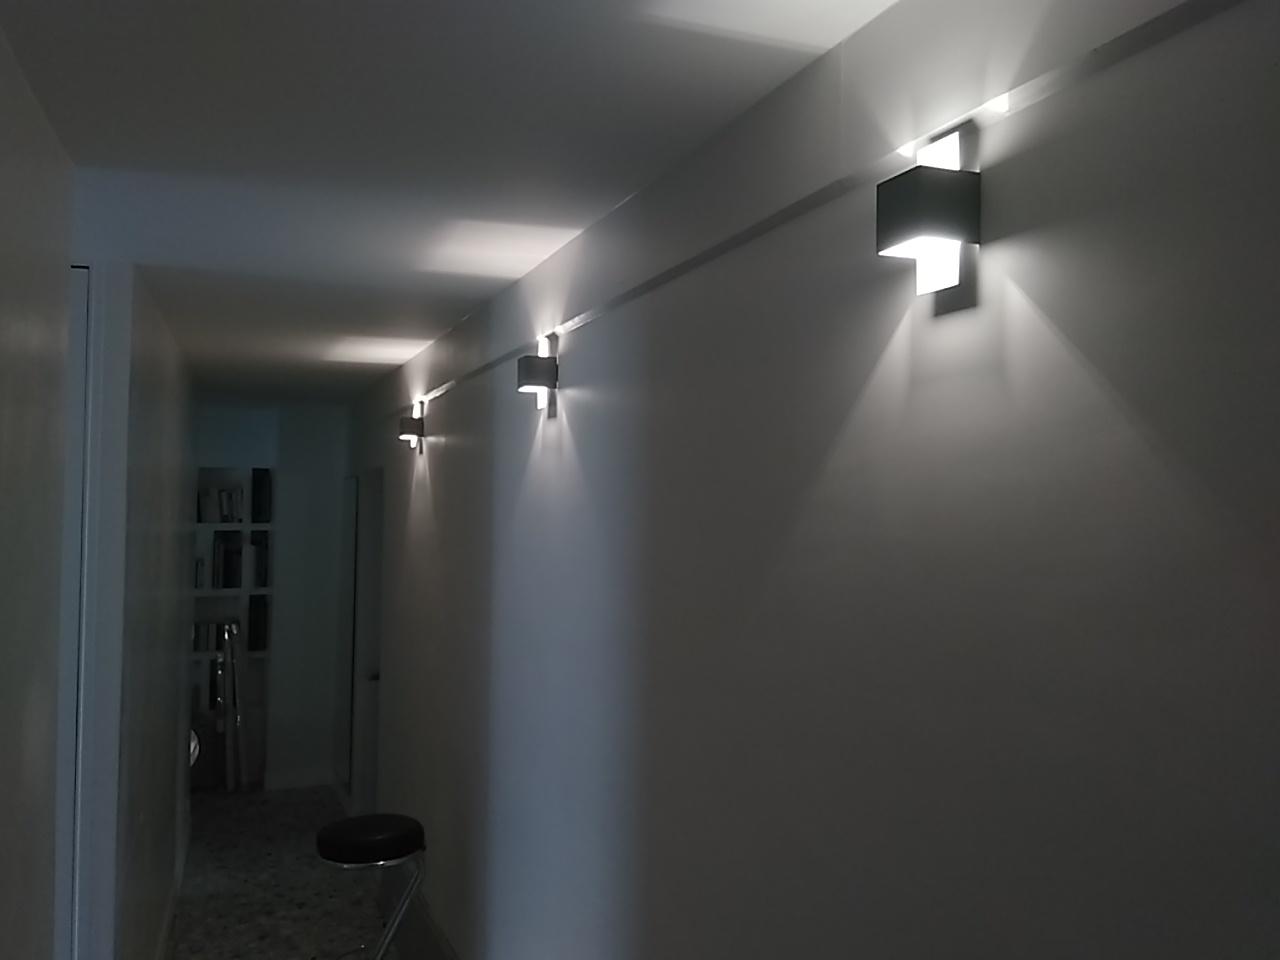 accueil electricien carri res sur seine. Black Bedroom Furniture Sets. Home Design Ideas